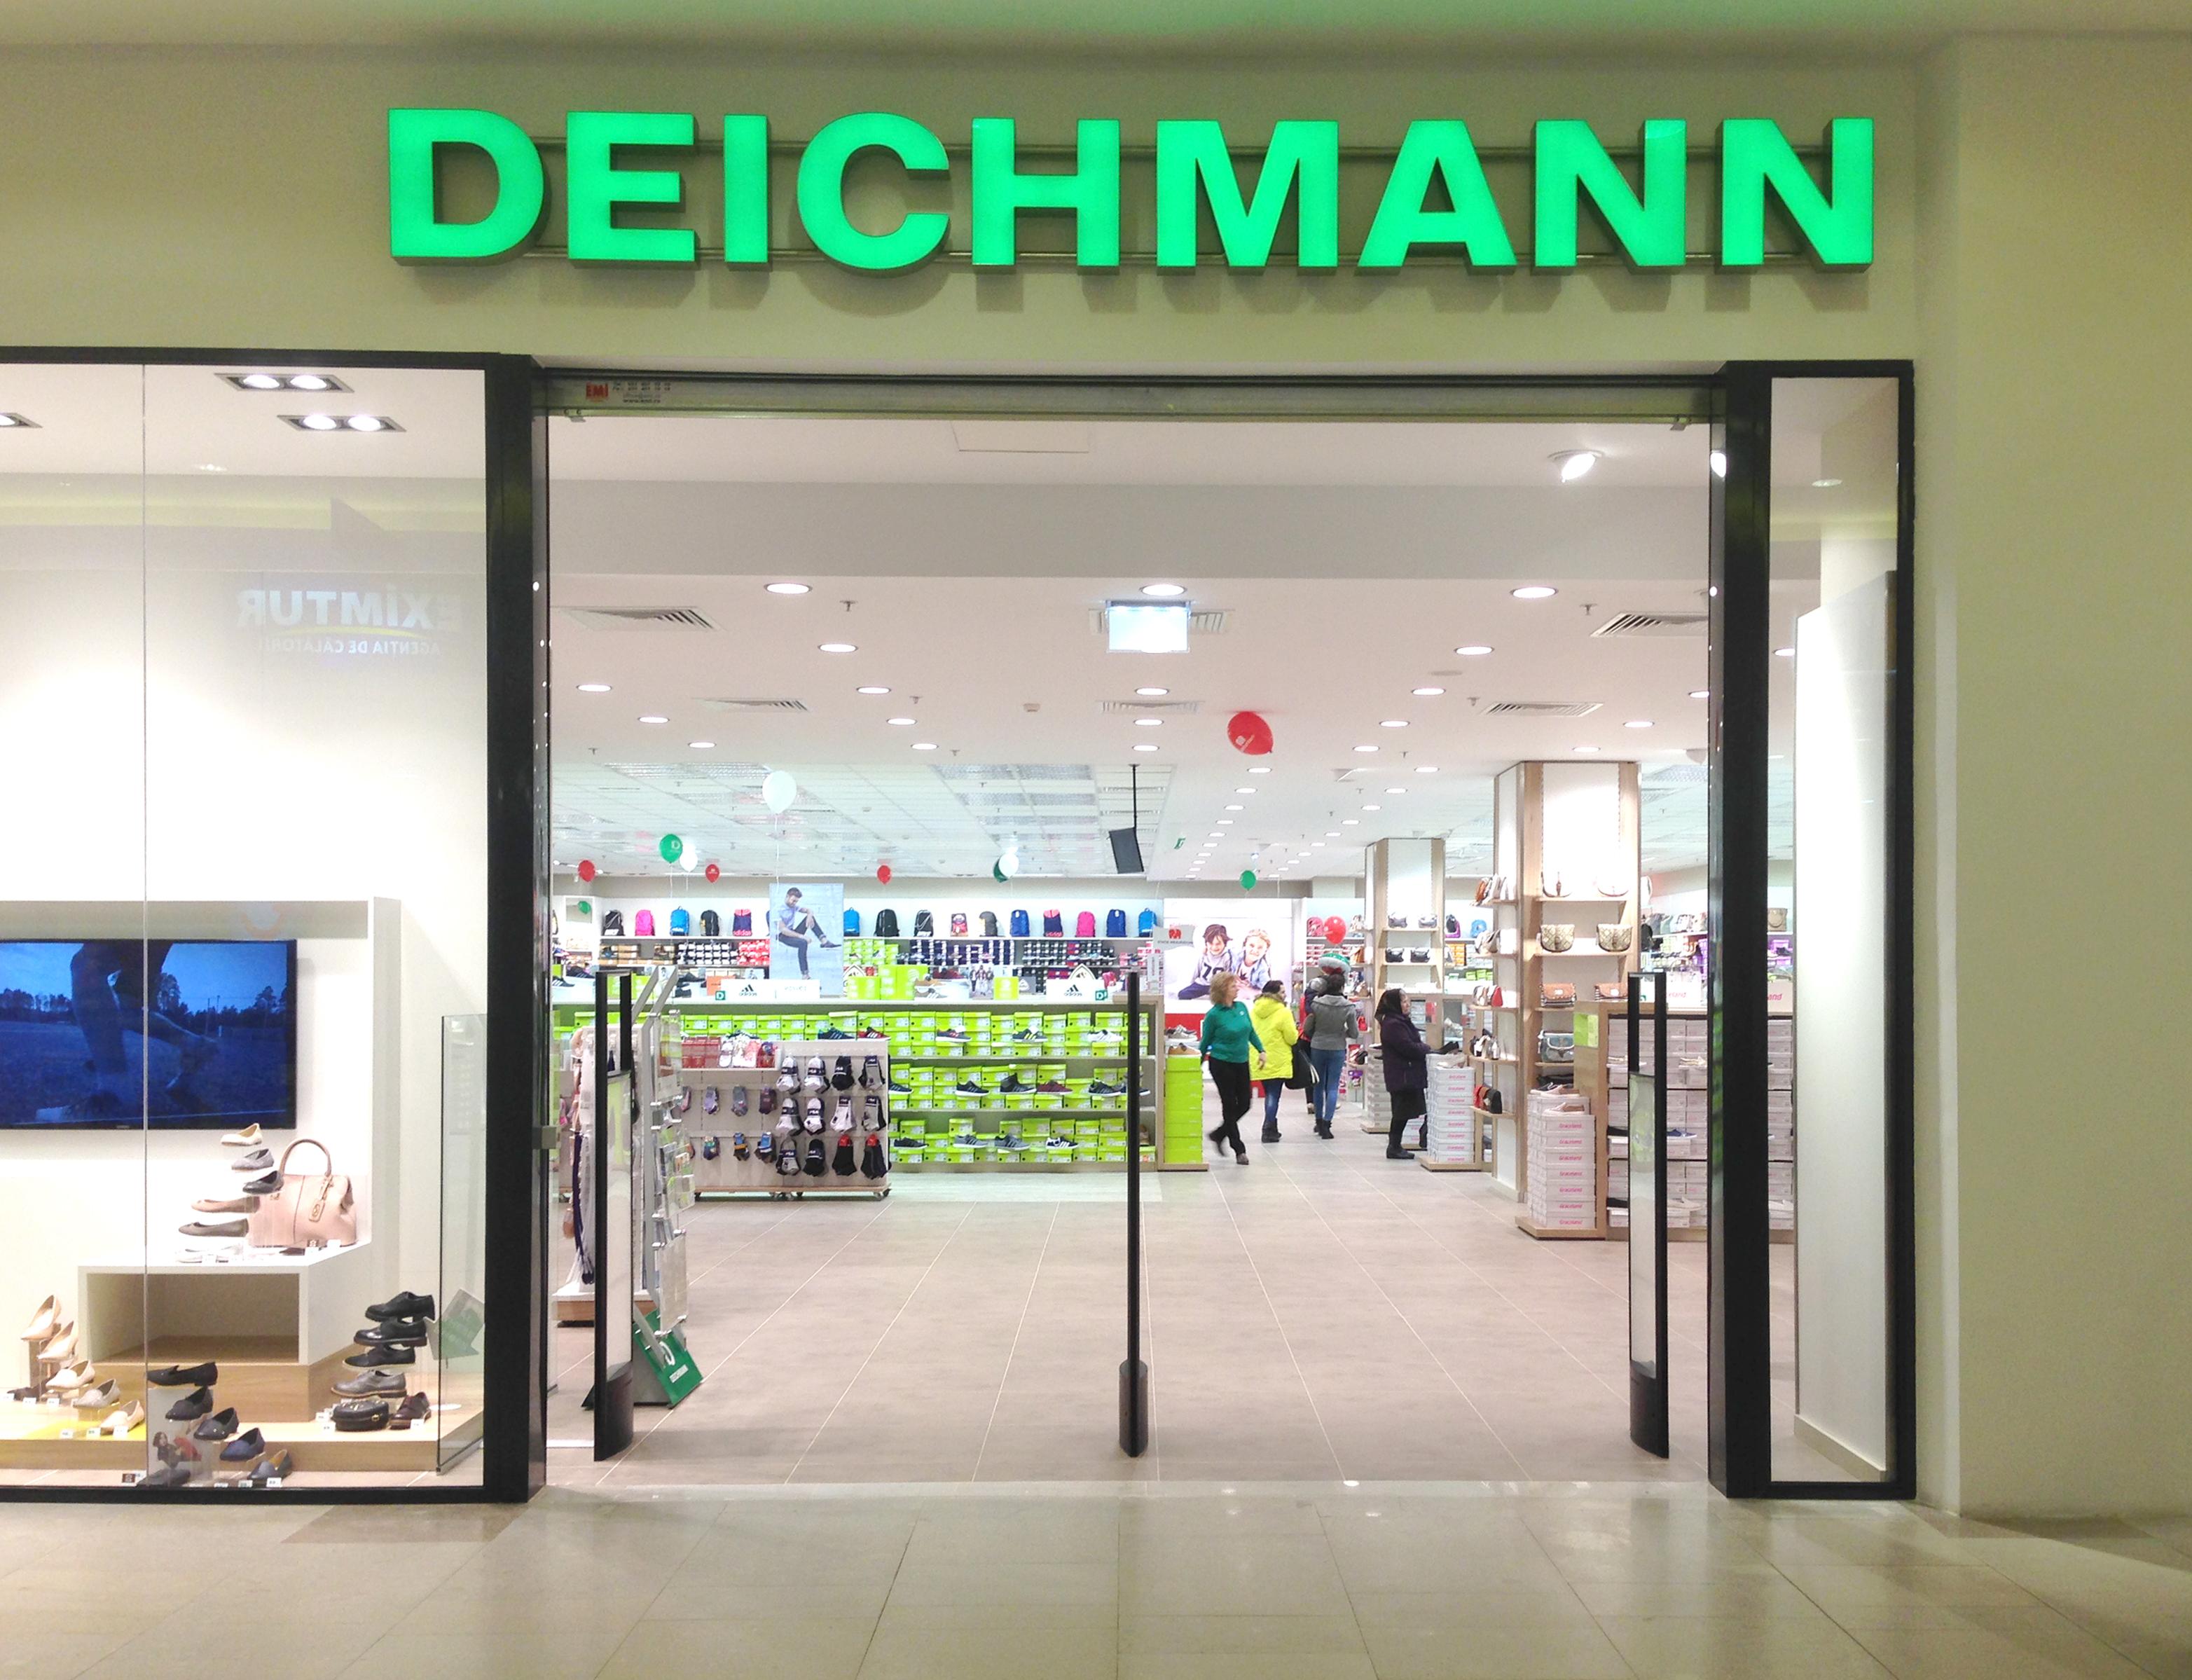 Retailerul german Deichmann a vândut 3,4 milioane de perechi de pantofi în România anul trecut şi a ajuns la afaceri de 414 mil.lei, în creştere cu 9%